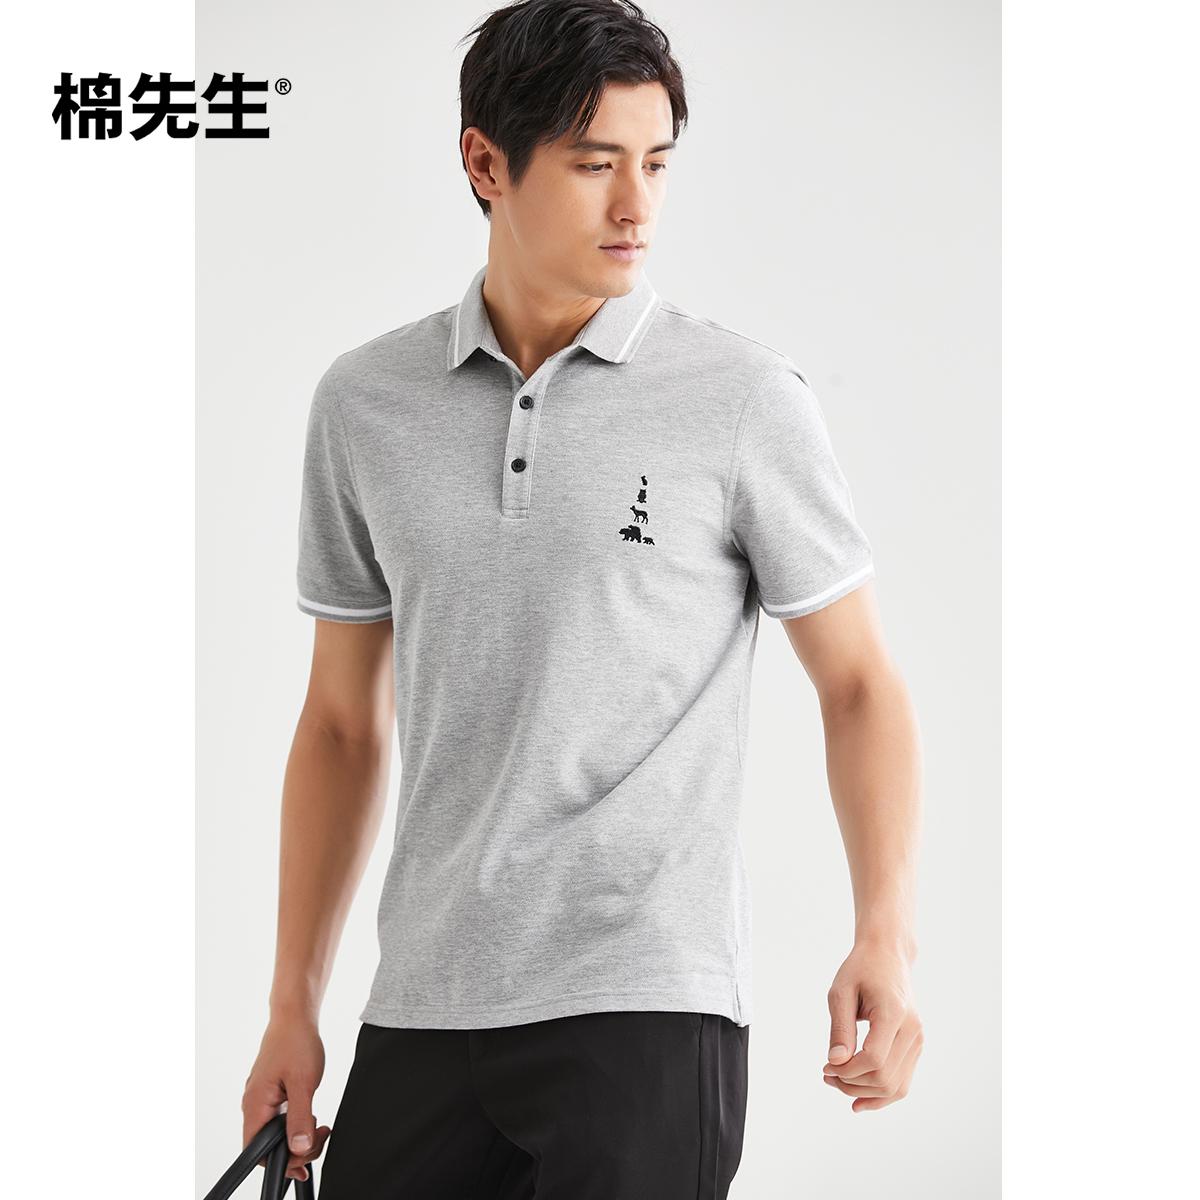 棉先生polo衫男短袖刺绣 秋季珠地网眼撞色翻领T恤半袖保罗衫